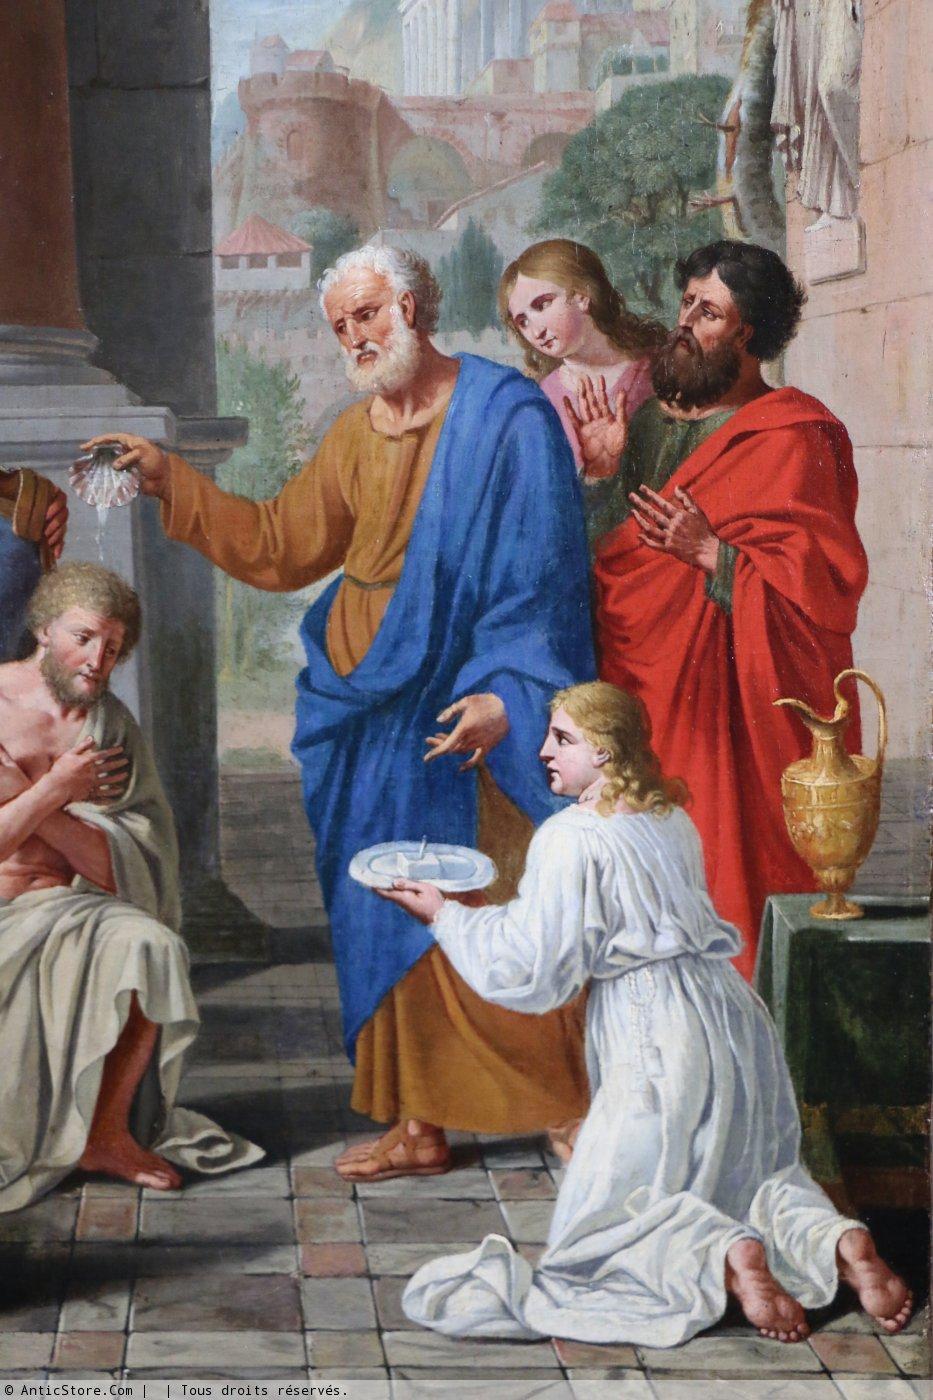 L'Esprit nous précède dans Communauté spirituelle AnticStore-Large-Ref-35707_03